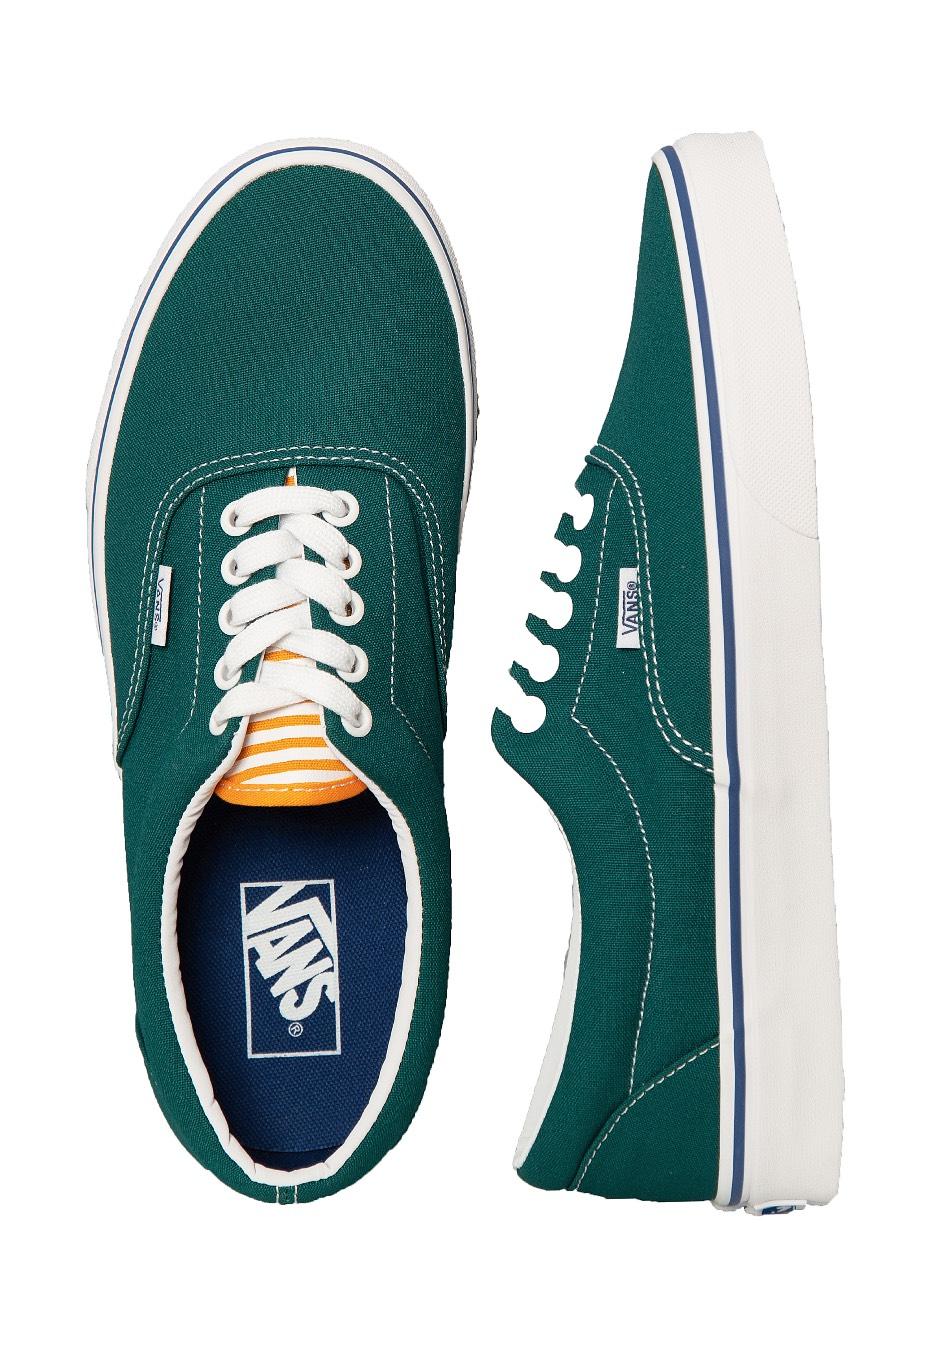 viel rabatt genießen neueste Kollektion großer Diskontverkauf Vans - Era Deck Club Quetzal Green - Shoes